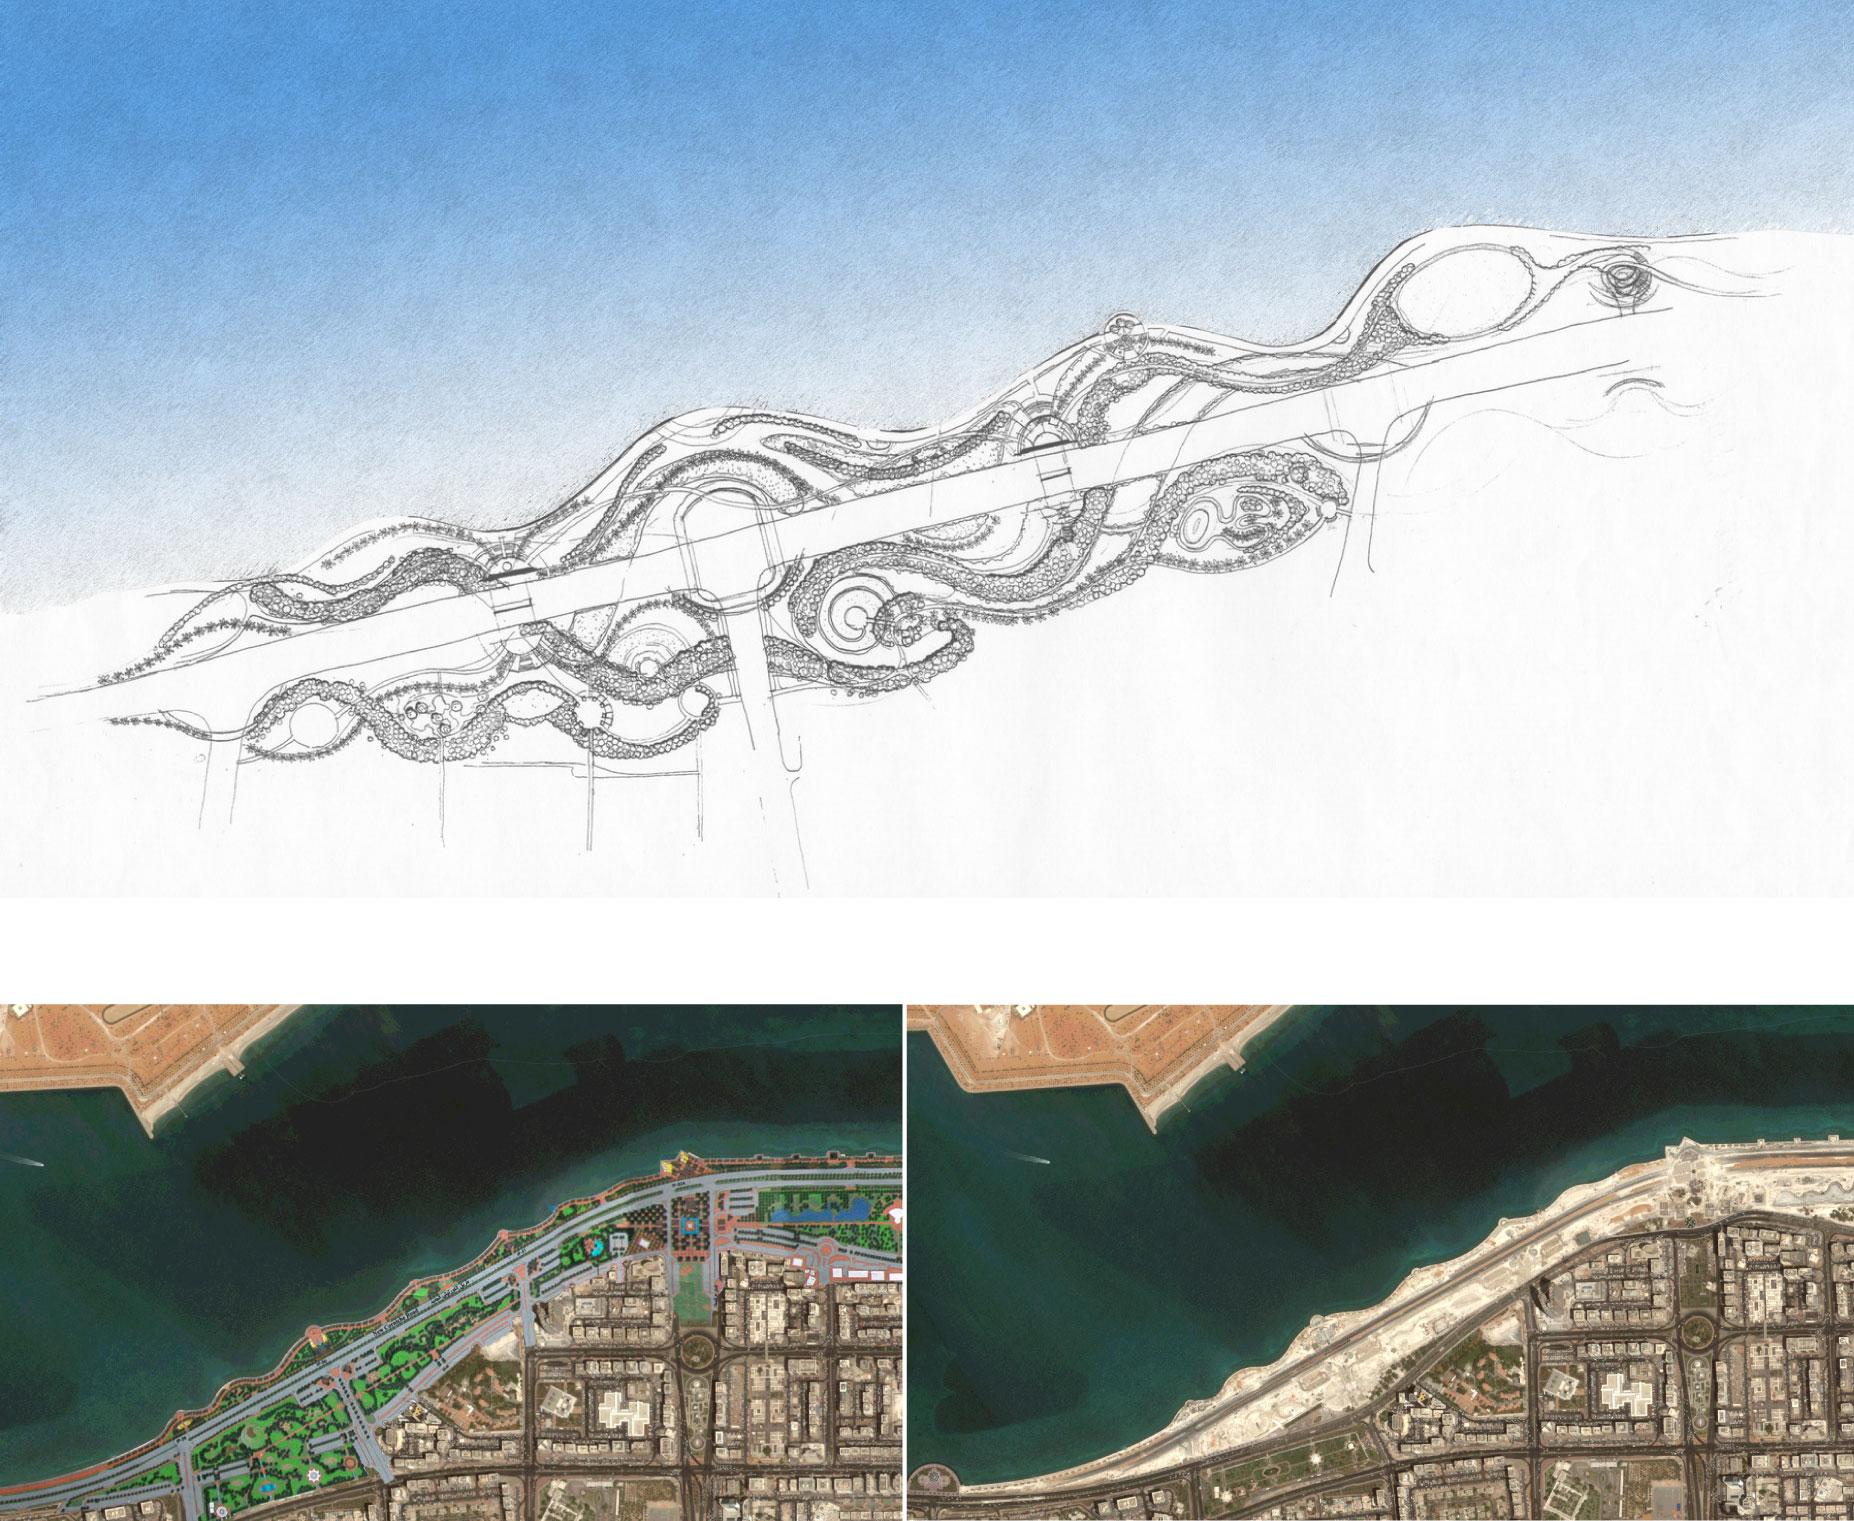 Abu Dhabi Corniche Waterfront Plan-01.jpg